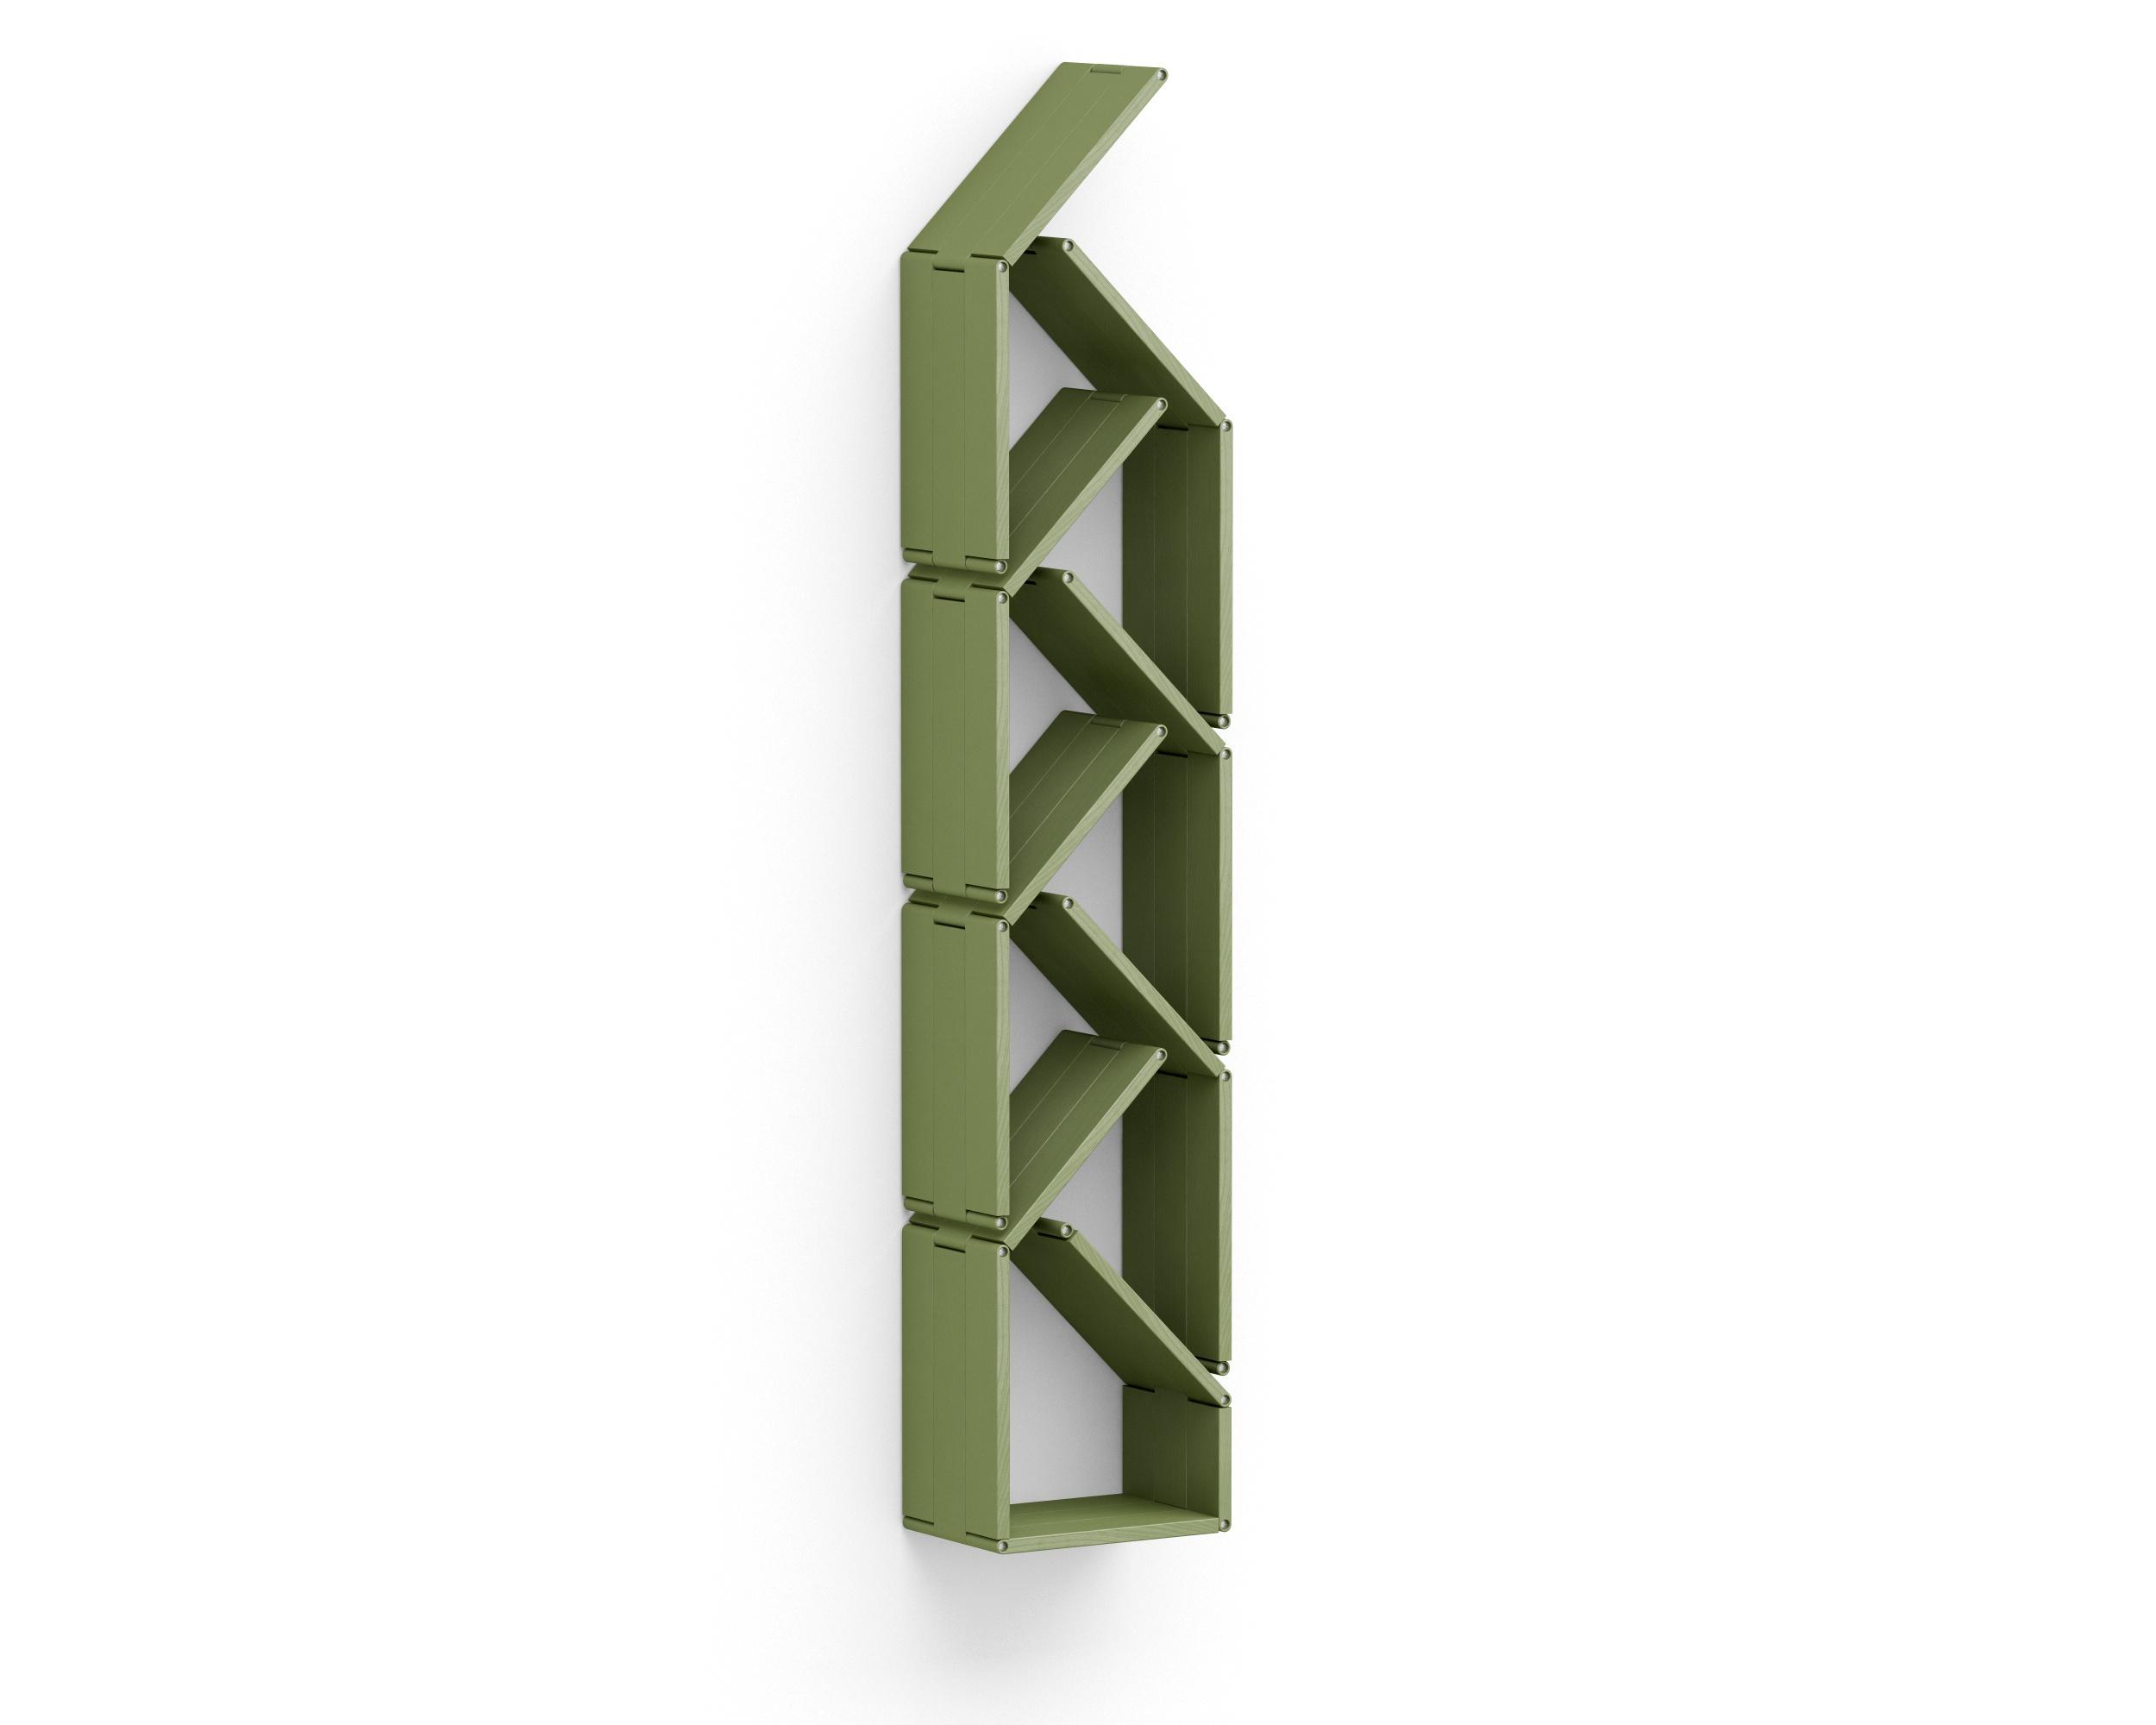 Полка-конструктор Flex Shelf 90Полки<br>цвет: натуральный ясень, красный, оранжевый, зеленый, голубой, сиреневый, белый, черный<br><br>Material: Ясень<br>Ширина см: 32<br>Высота см: 22<br>Глубина см: 176